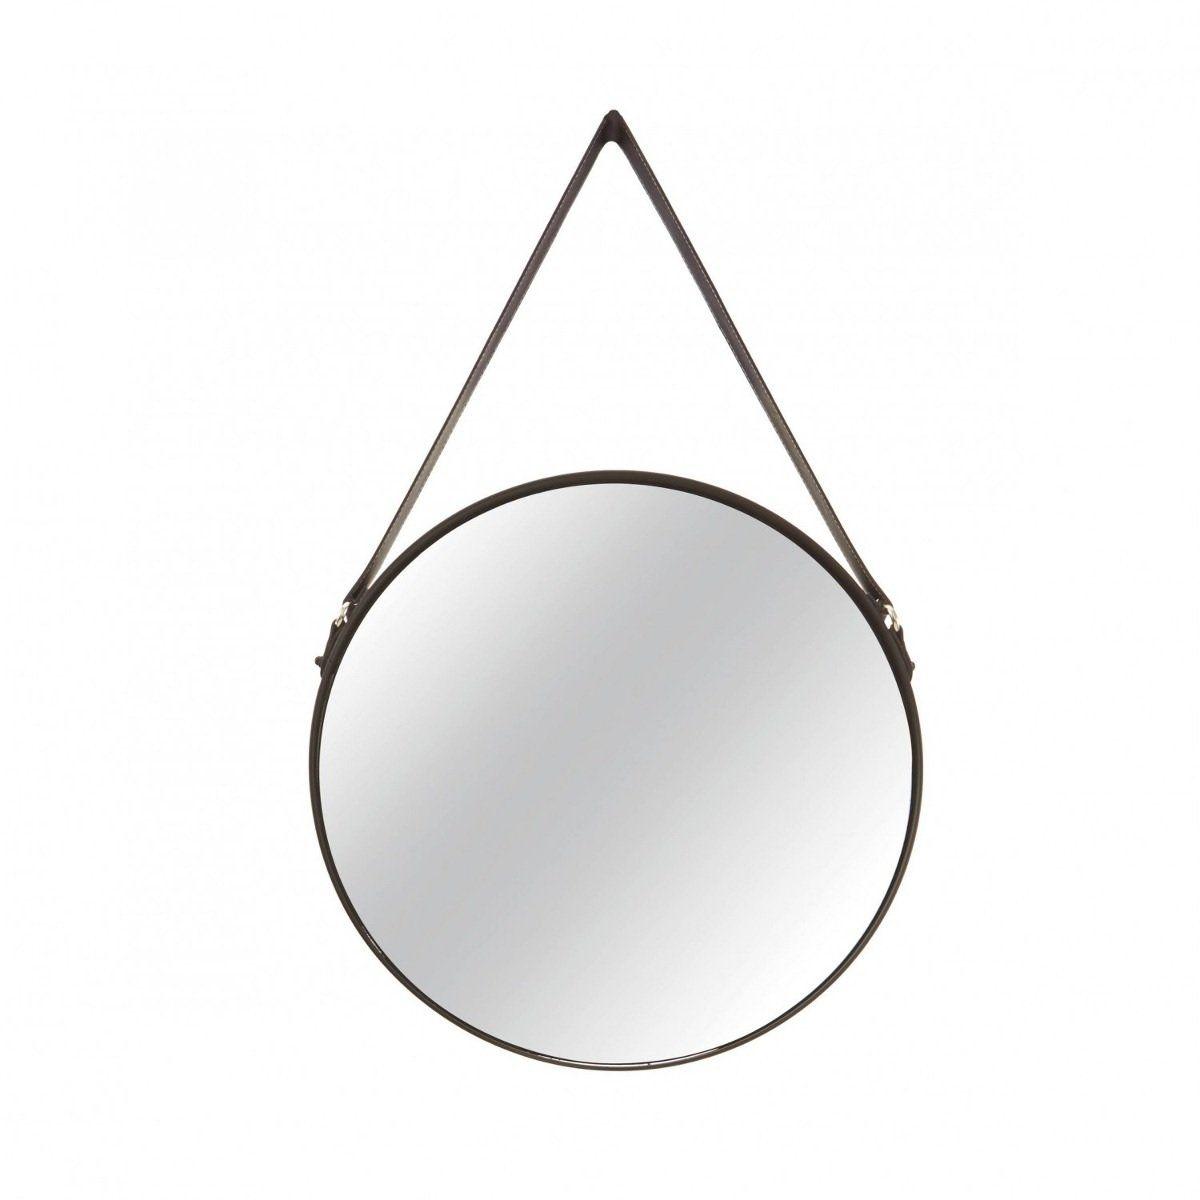 Espelho Redondo Decorativo Luxo Metal Preto 45CM 7292